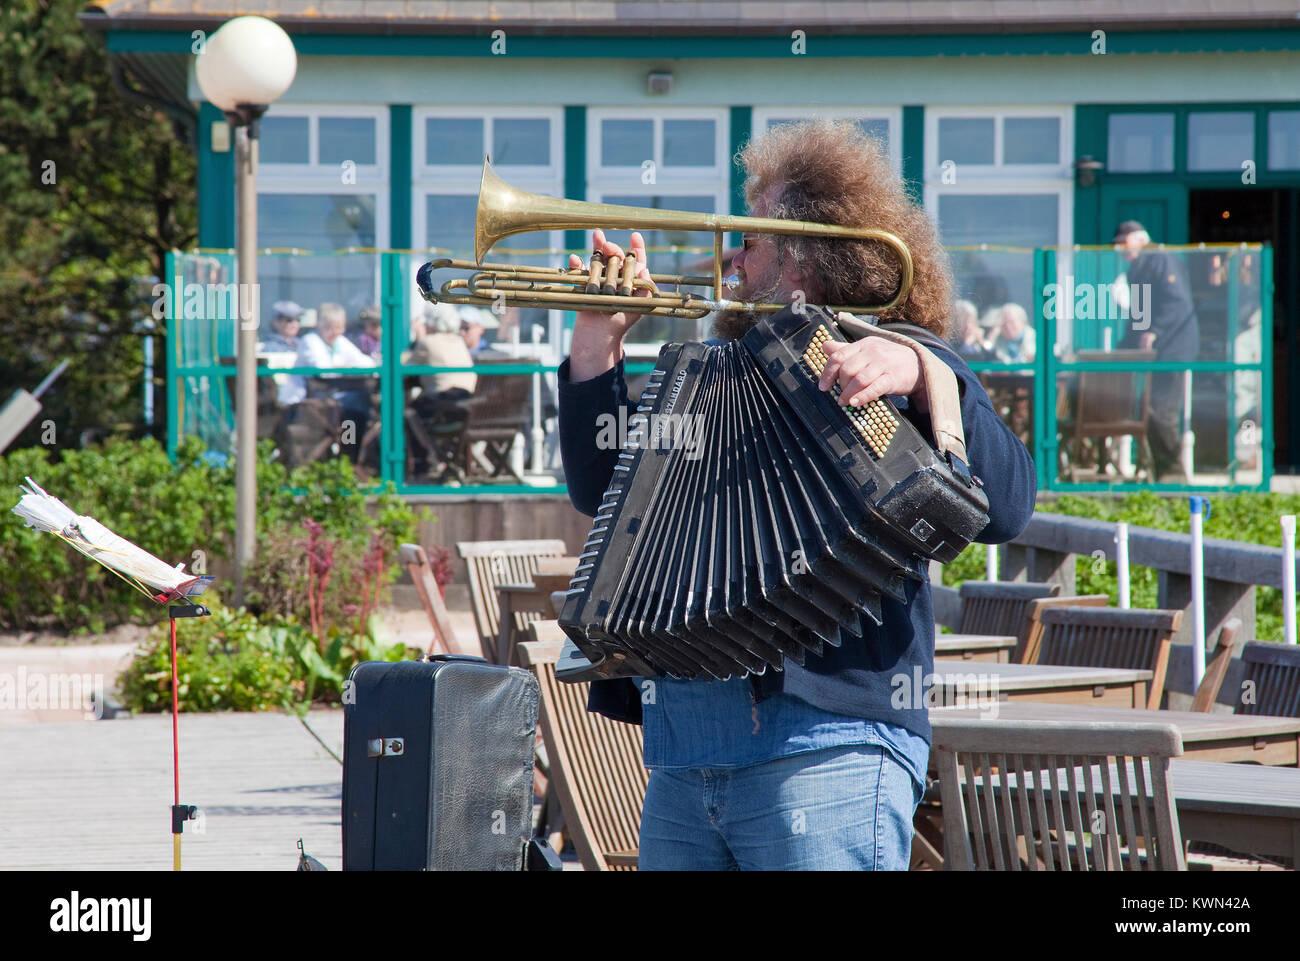 Musicien de rue à l'embarcadère de Wustrow, Fishland, Mecklembourg-Poméranie-Occidentale, de la mer Baltique, l'Allemagne, de l'Europe Banque D'Images